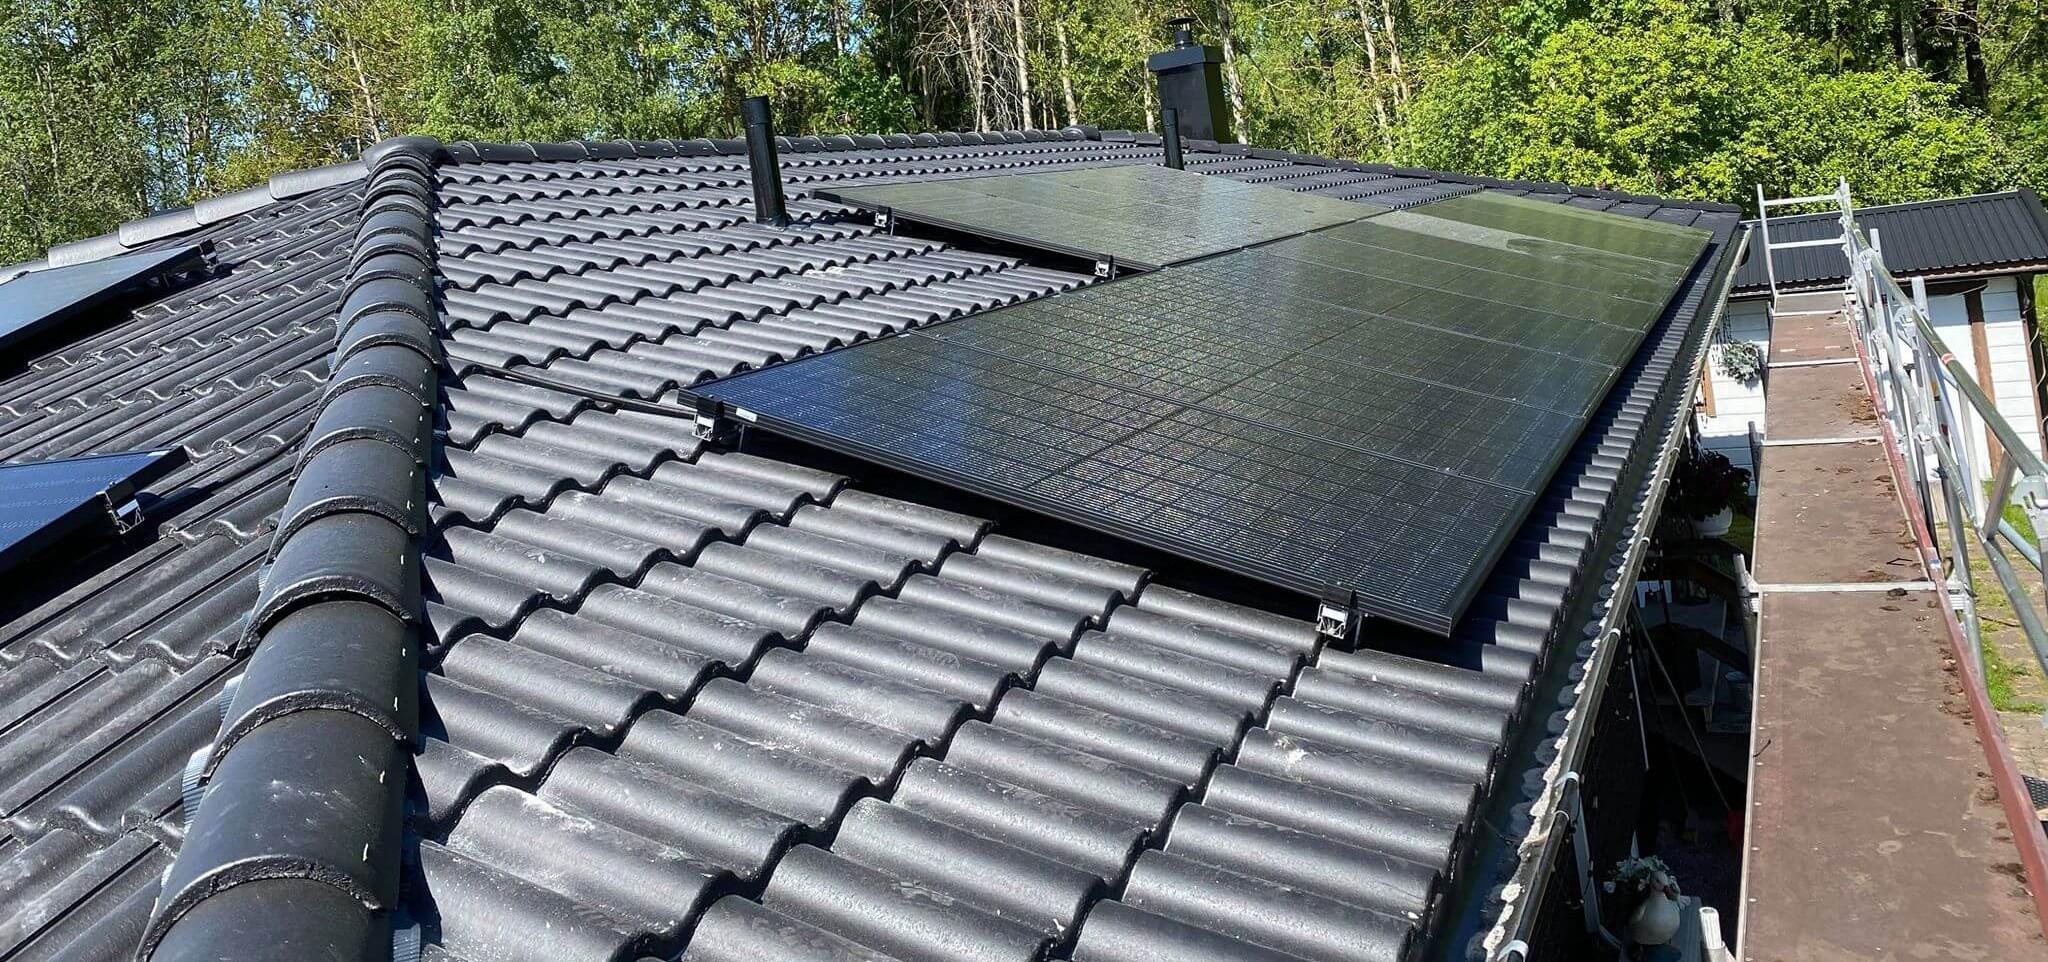 Vi erbjuder solceller i Dalarna